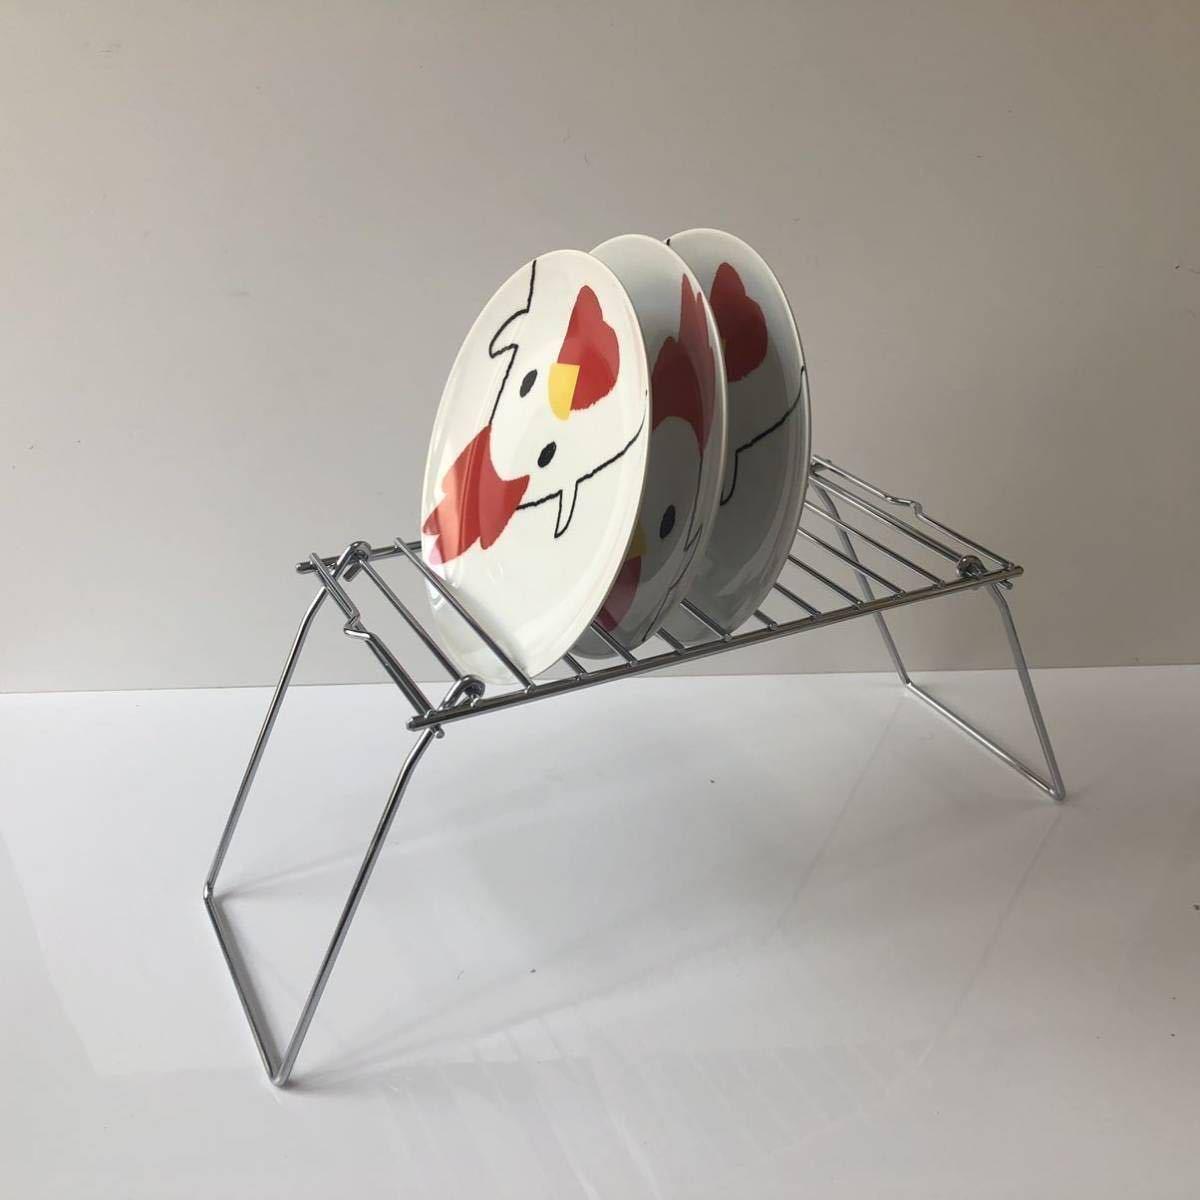 コンパクト折り畳み グリル BBQ スタンド 焚き火 クッカー スタンド アウトドアラック ミニテーブル